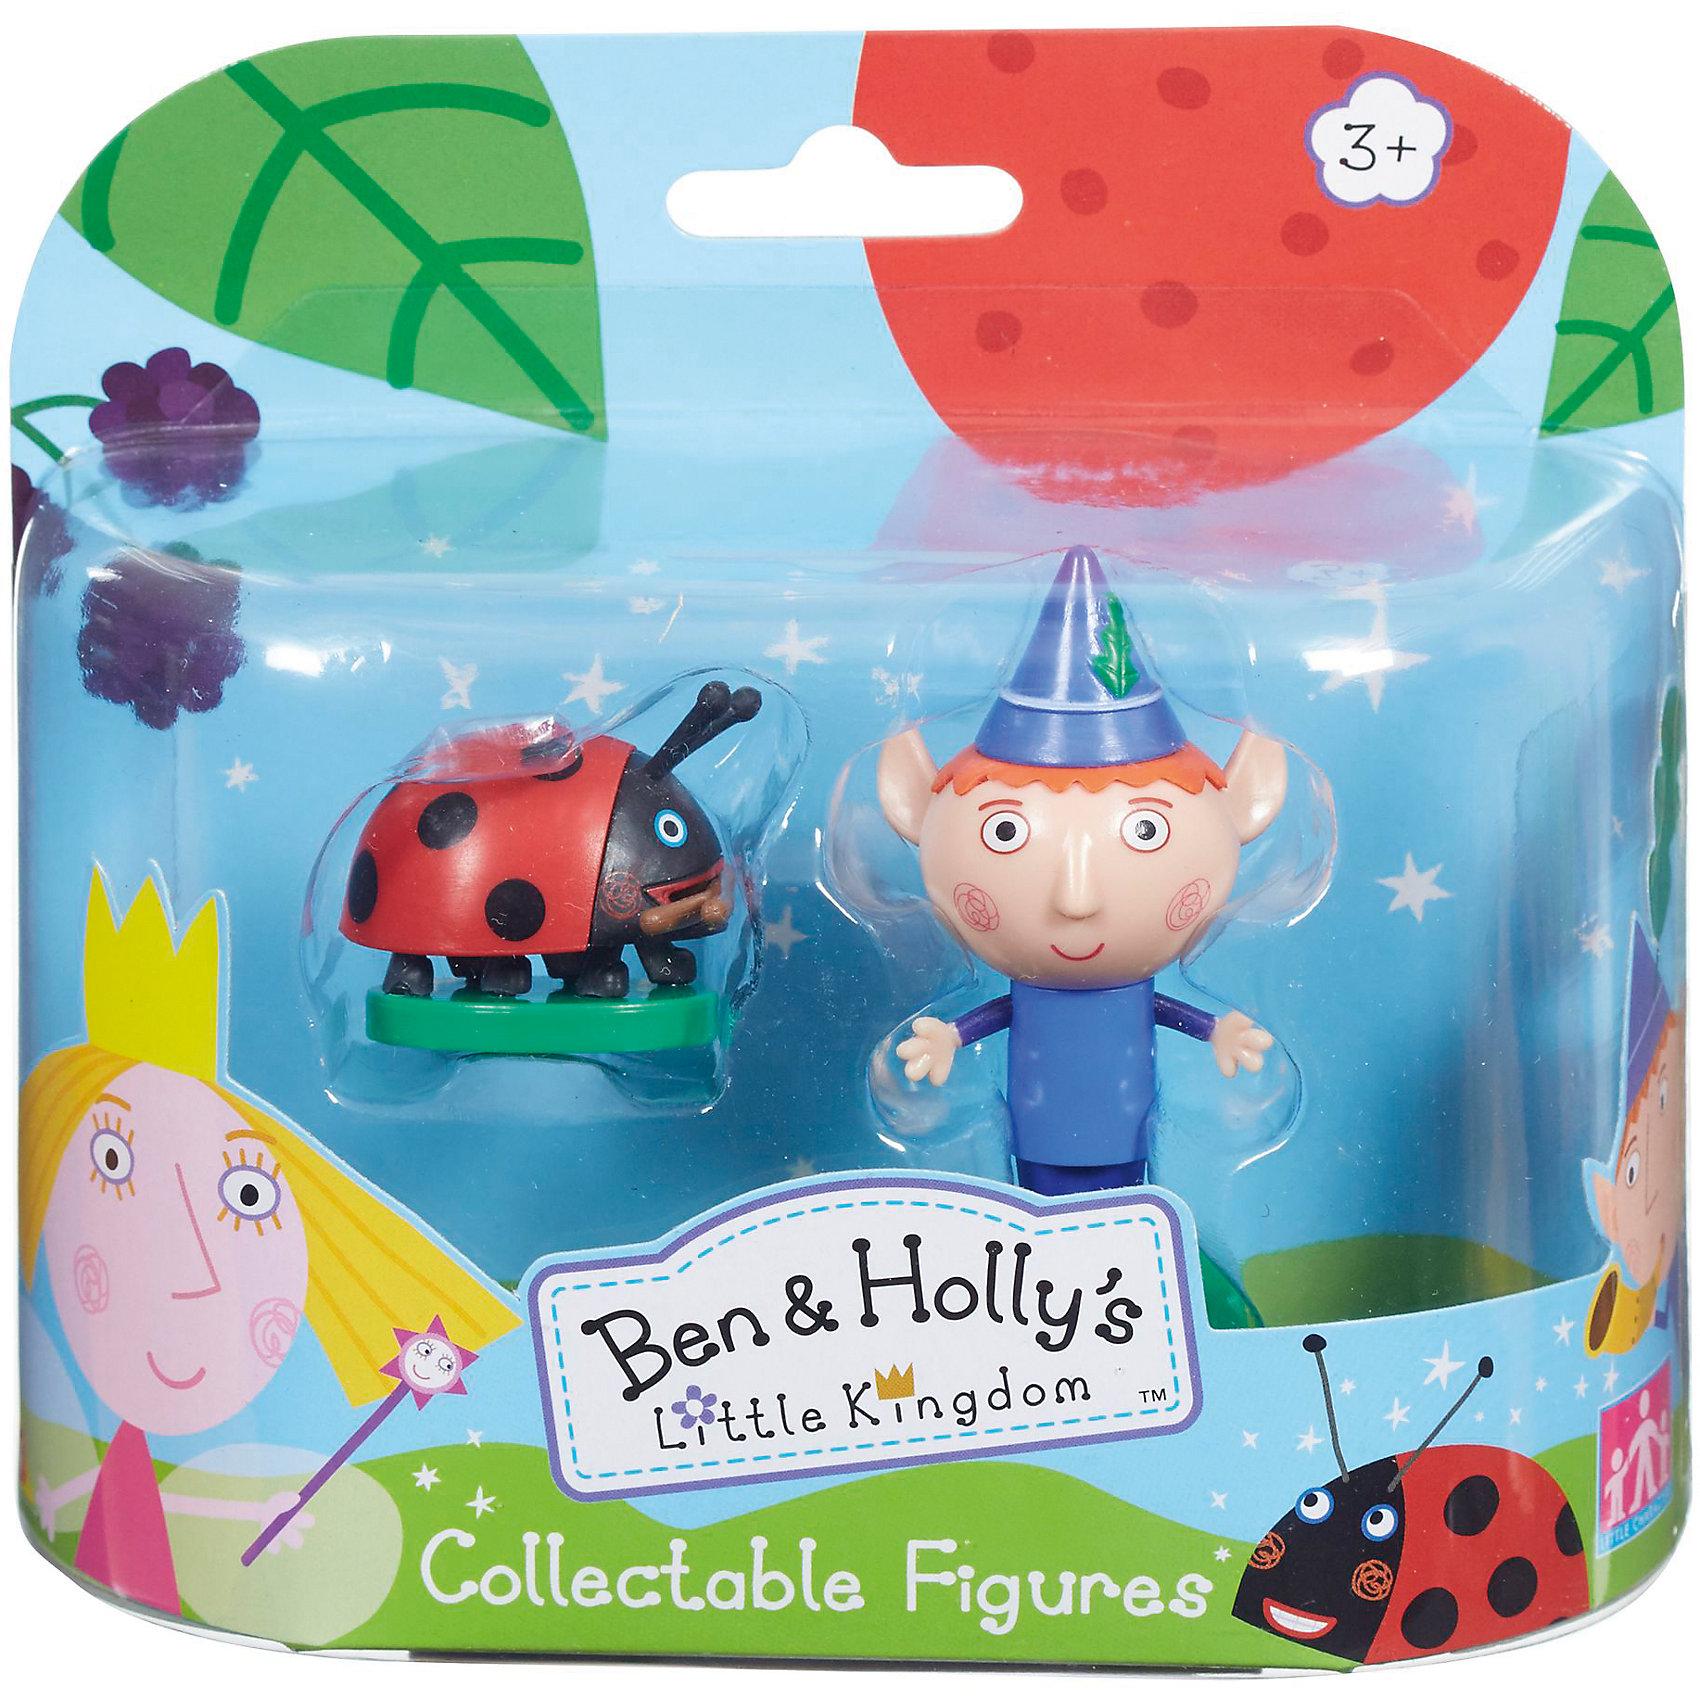 Игровой набор Бен и Гастон, Бен и ХоллиБен и Холли<br>Игровой набор Бен и Гастон приведет в восторг любителей мультика Маленькое королевство Бена и Холли. В наборе есть фигурки Гастона и Бена с подвижными деталями. Благодаря двигающимся рукам и ногам героев, с ними можно придумать множество игр, тем более, чтоб малышам нужно будет активнее задействовать пальчики и творческое мышление!<br>Набор сделан из высококачественного пластика, который безопасен для малышей. Набор яркий, очень симпатично смотрится. Он будет отличным подарком ребенку! Подобные игрушки отлично помогают развитию у детей воображения и моторики.<br><br>Дополнительная информация:<br><br>цвет: разноцветный;<br>материал: пластик;<br>комплектация: фигурки Гастона и Бена;<br>размер фигурки: 6 см;<br>размер упаковки: 14,5 х 15,5 х 5 см.<br><br>Игровой набор Бен и Гастон от бренда Бен и Холли можно приобрести в нашем интернет-магазине.<br><br>Ширина мм: 145<br>Глубина мм: 155<br>Высота мм: 50<br>Вес г: 108<br>Возраст от месяцев: 36<br>Возраст до месяцев: 2147483647<br>Пол: Унисекс<br>Возраст: Детский<br>SKU: 4970298